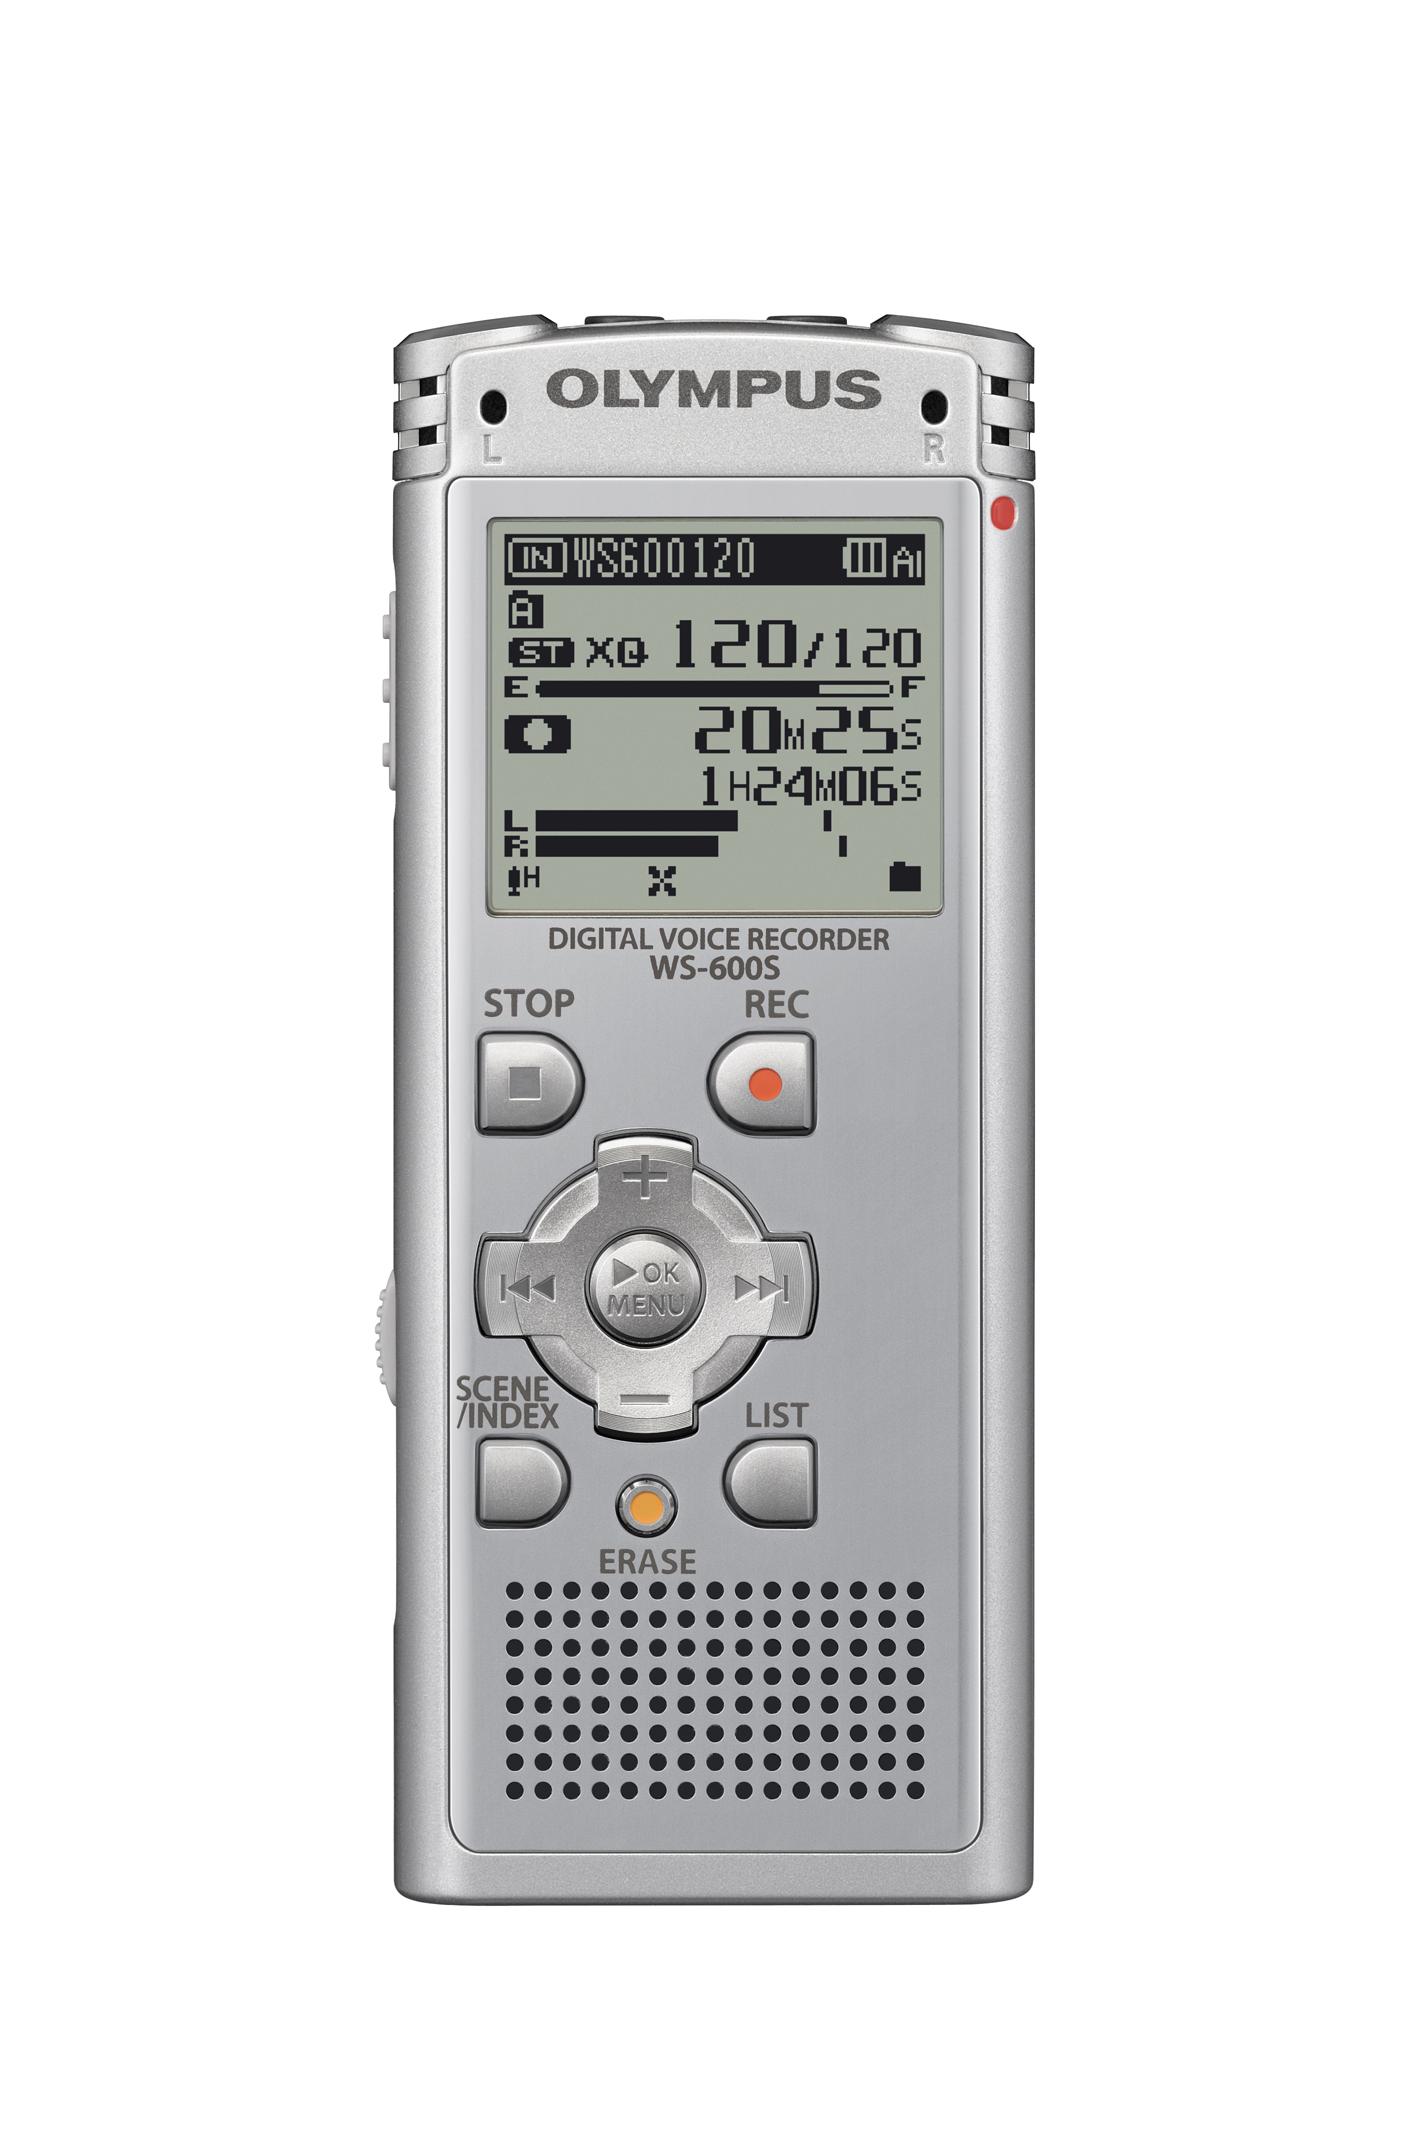 new olympus ws series digital audio recorders offer cutting edge rh prweb com Olympus Digital Voice Recorder olympus digital voice recorder ws-700m instructions